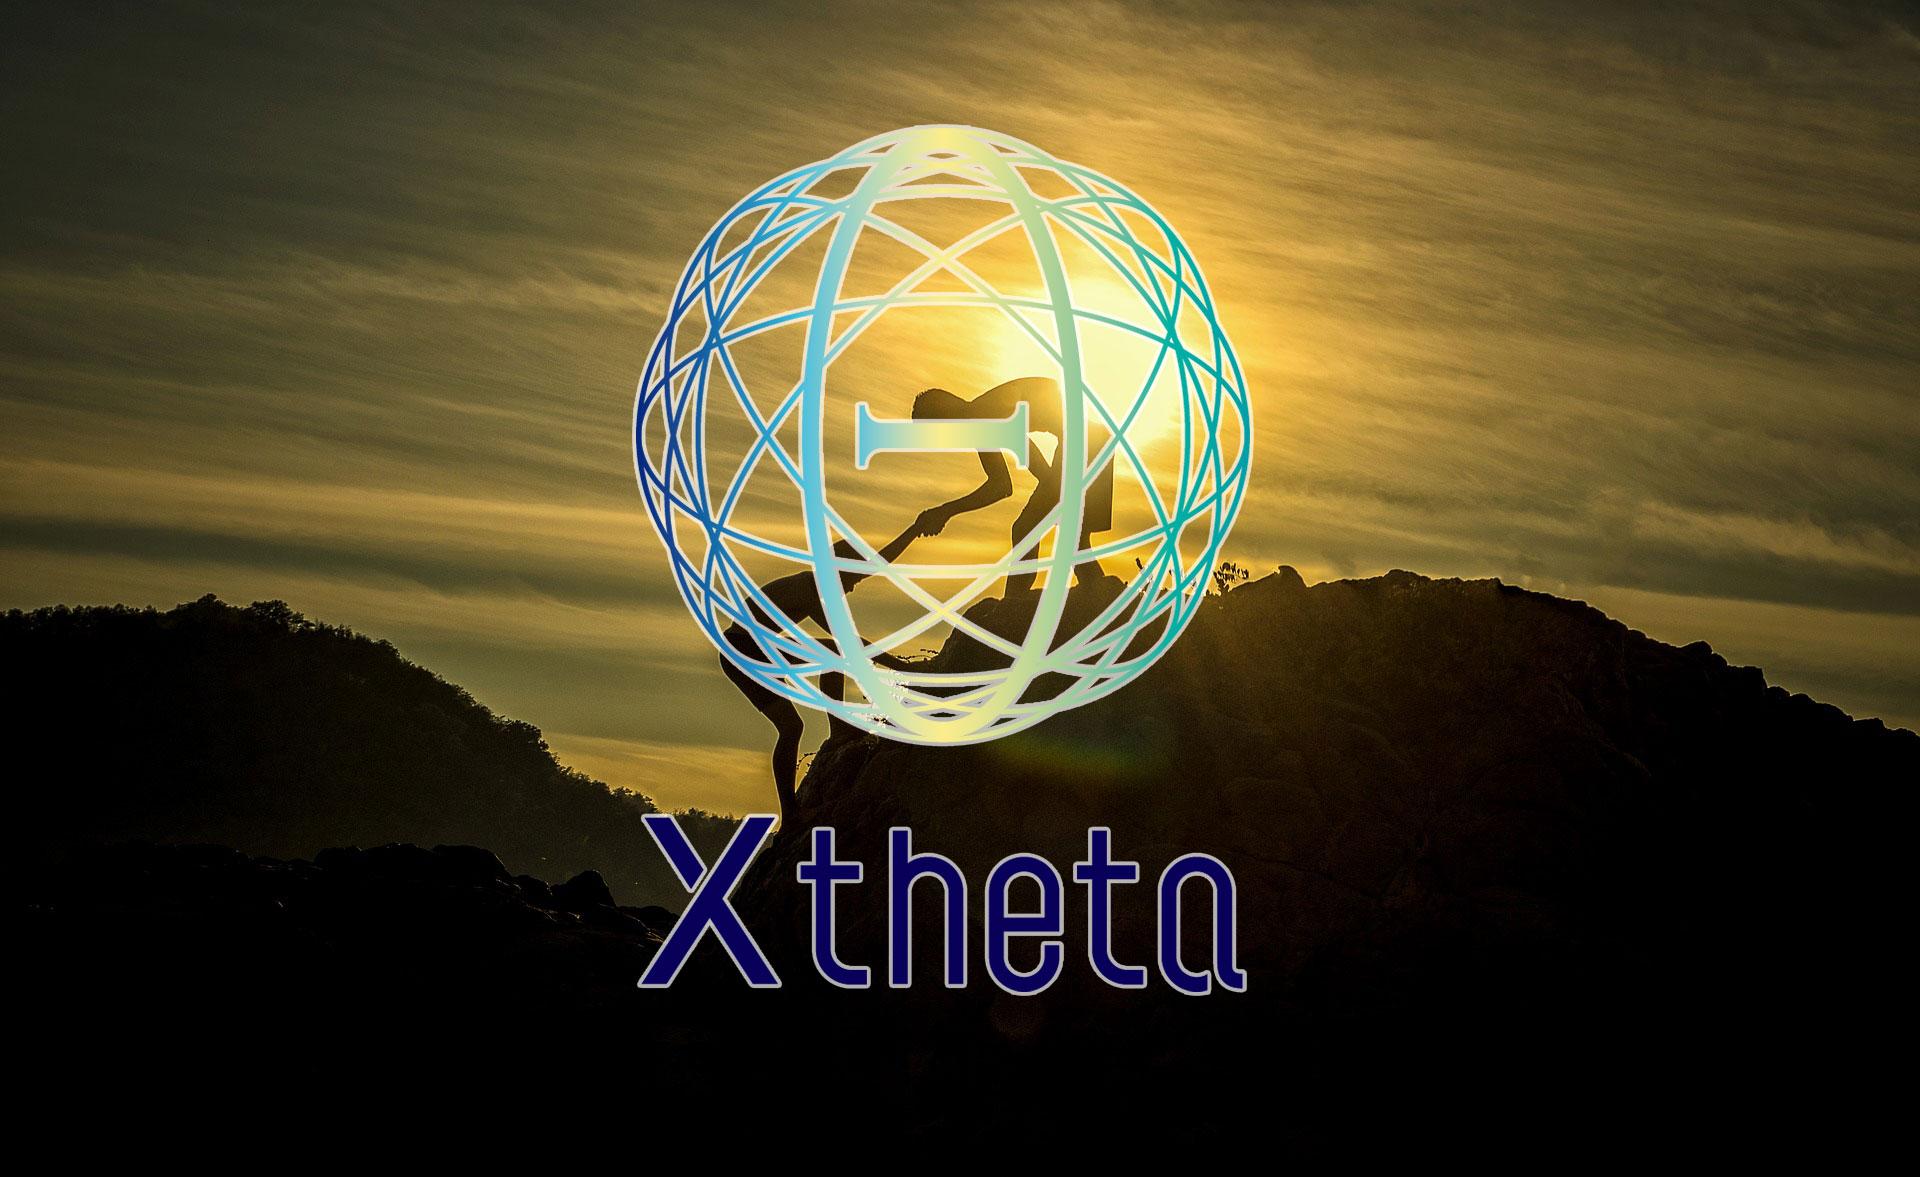 仮想通貨交換業Xtheta、日本初の仮想通貨取次サービス開始!